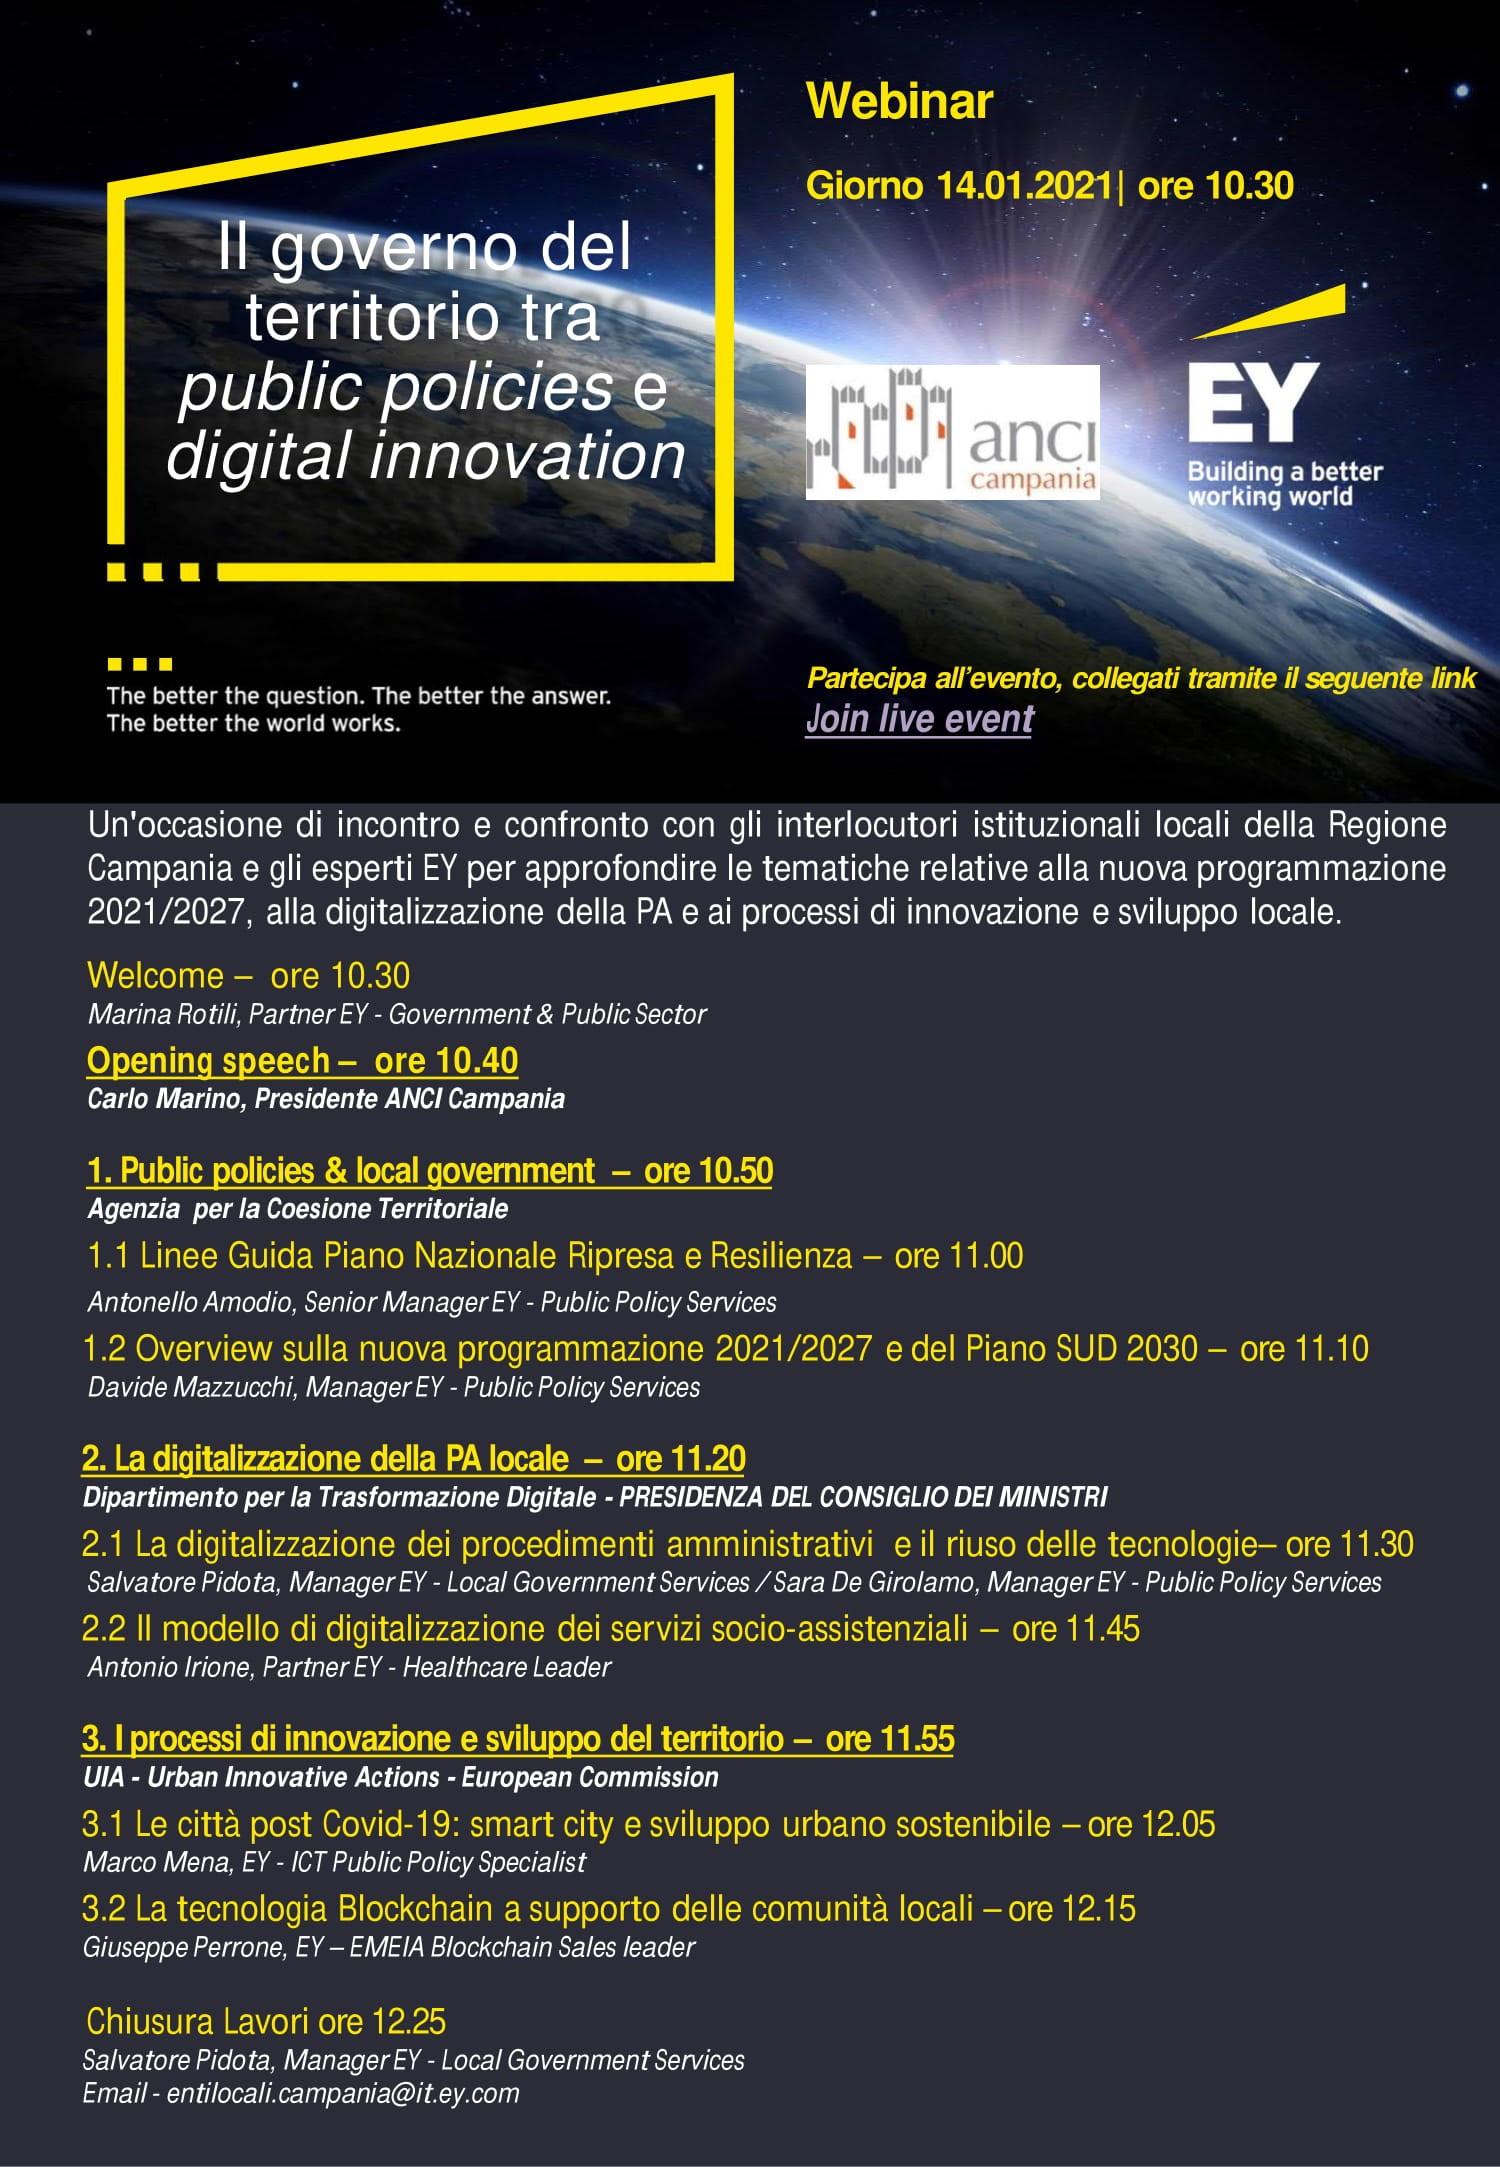 Il governo del territorio tra public policies e digital innovation